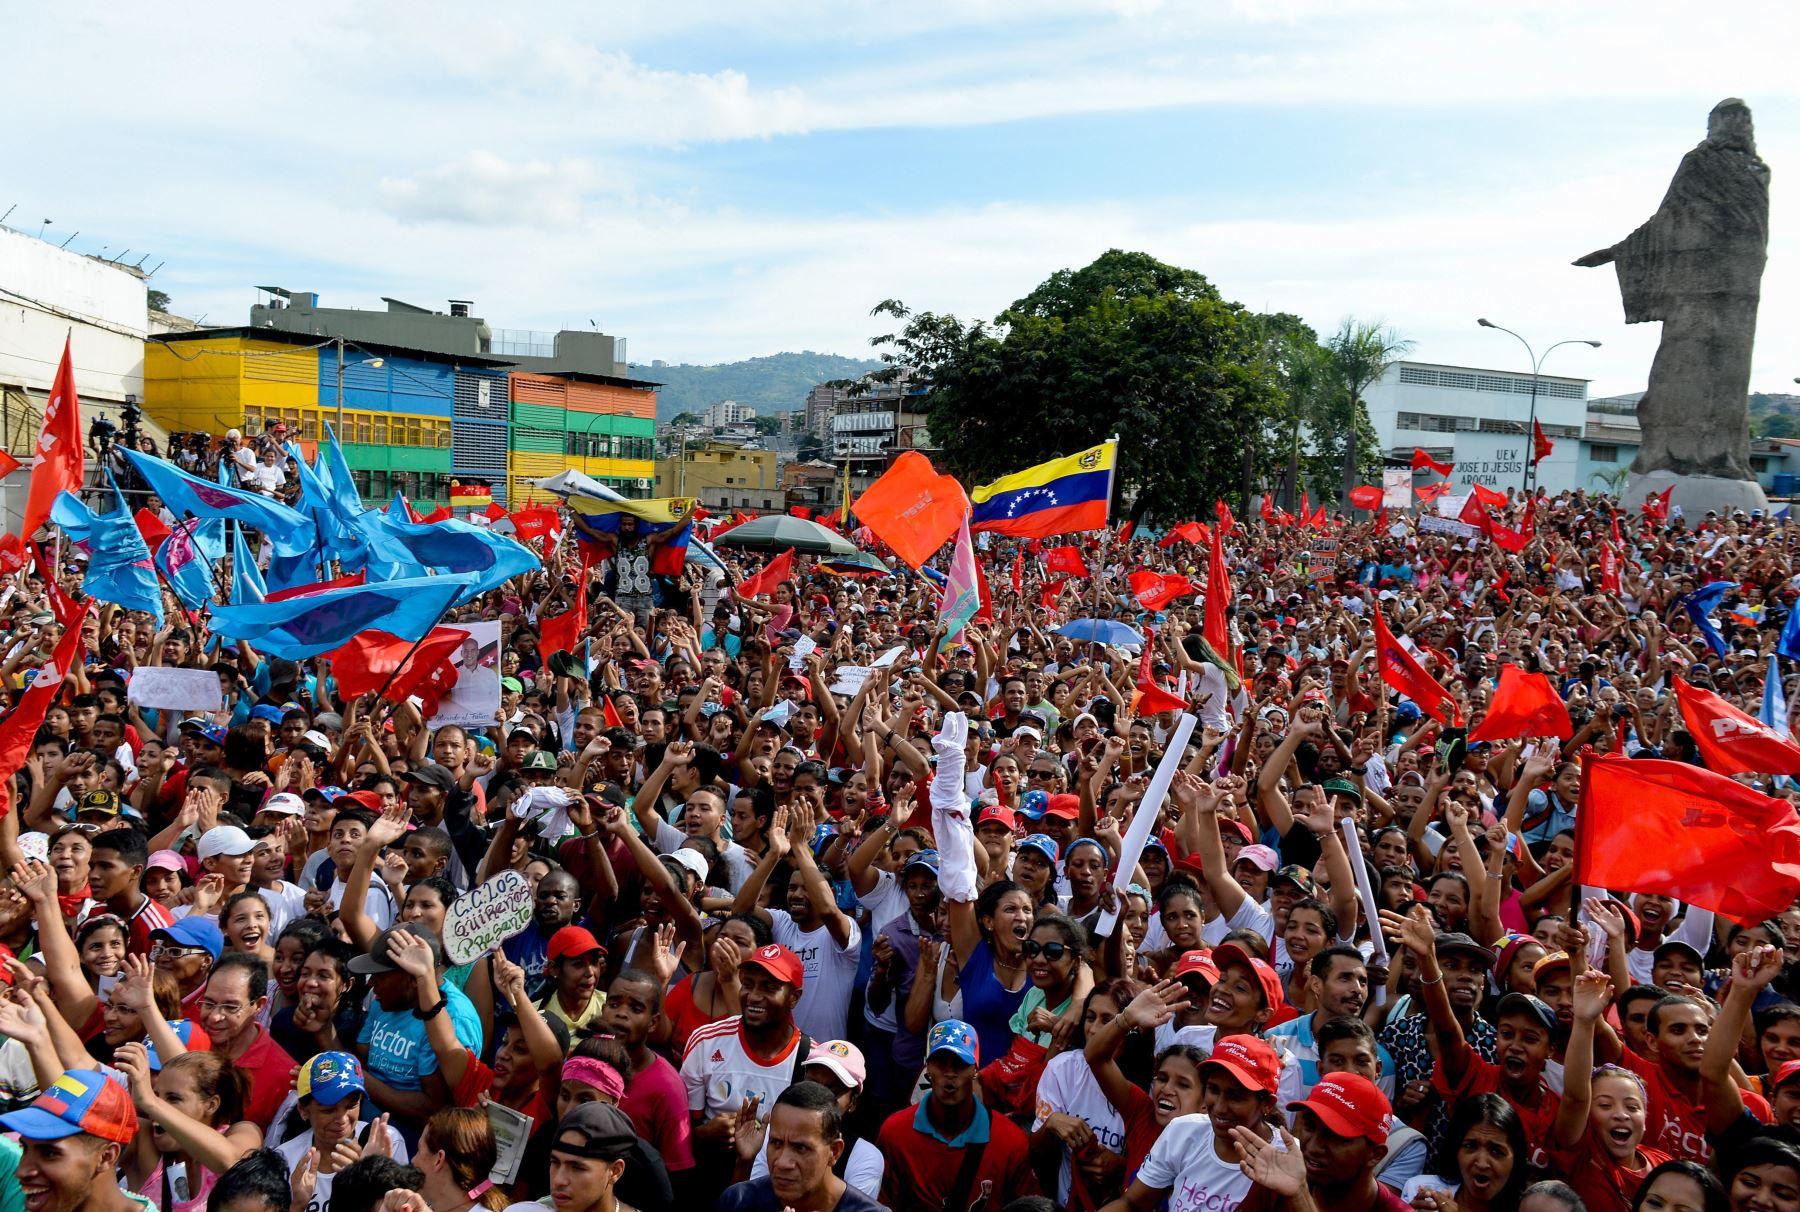 VENEZUELA: Kuczynski pide elecciones transparentes e imparciales en Venezuela